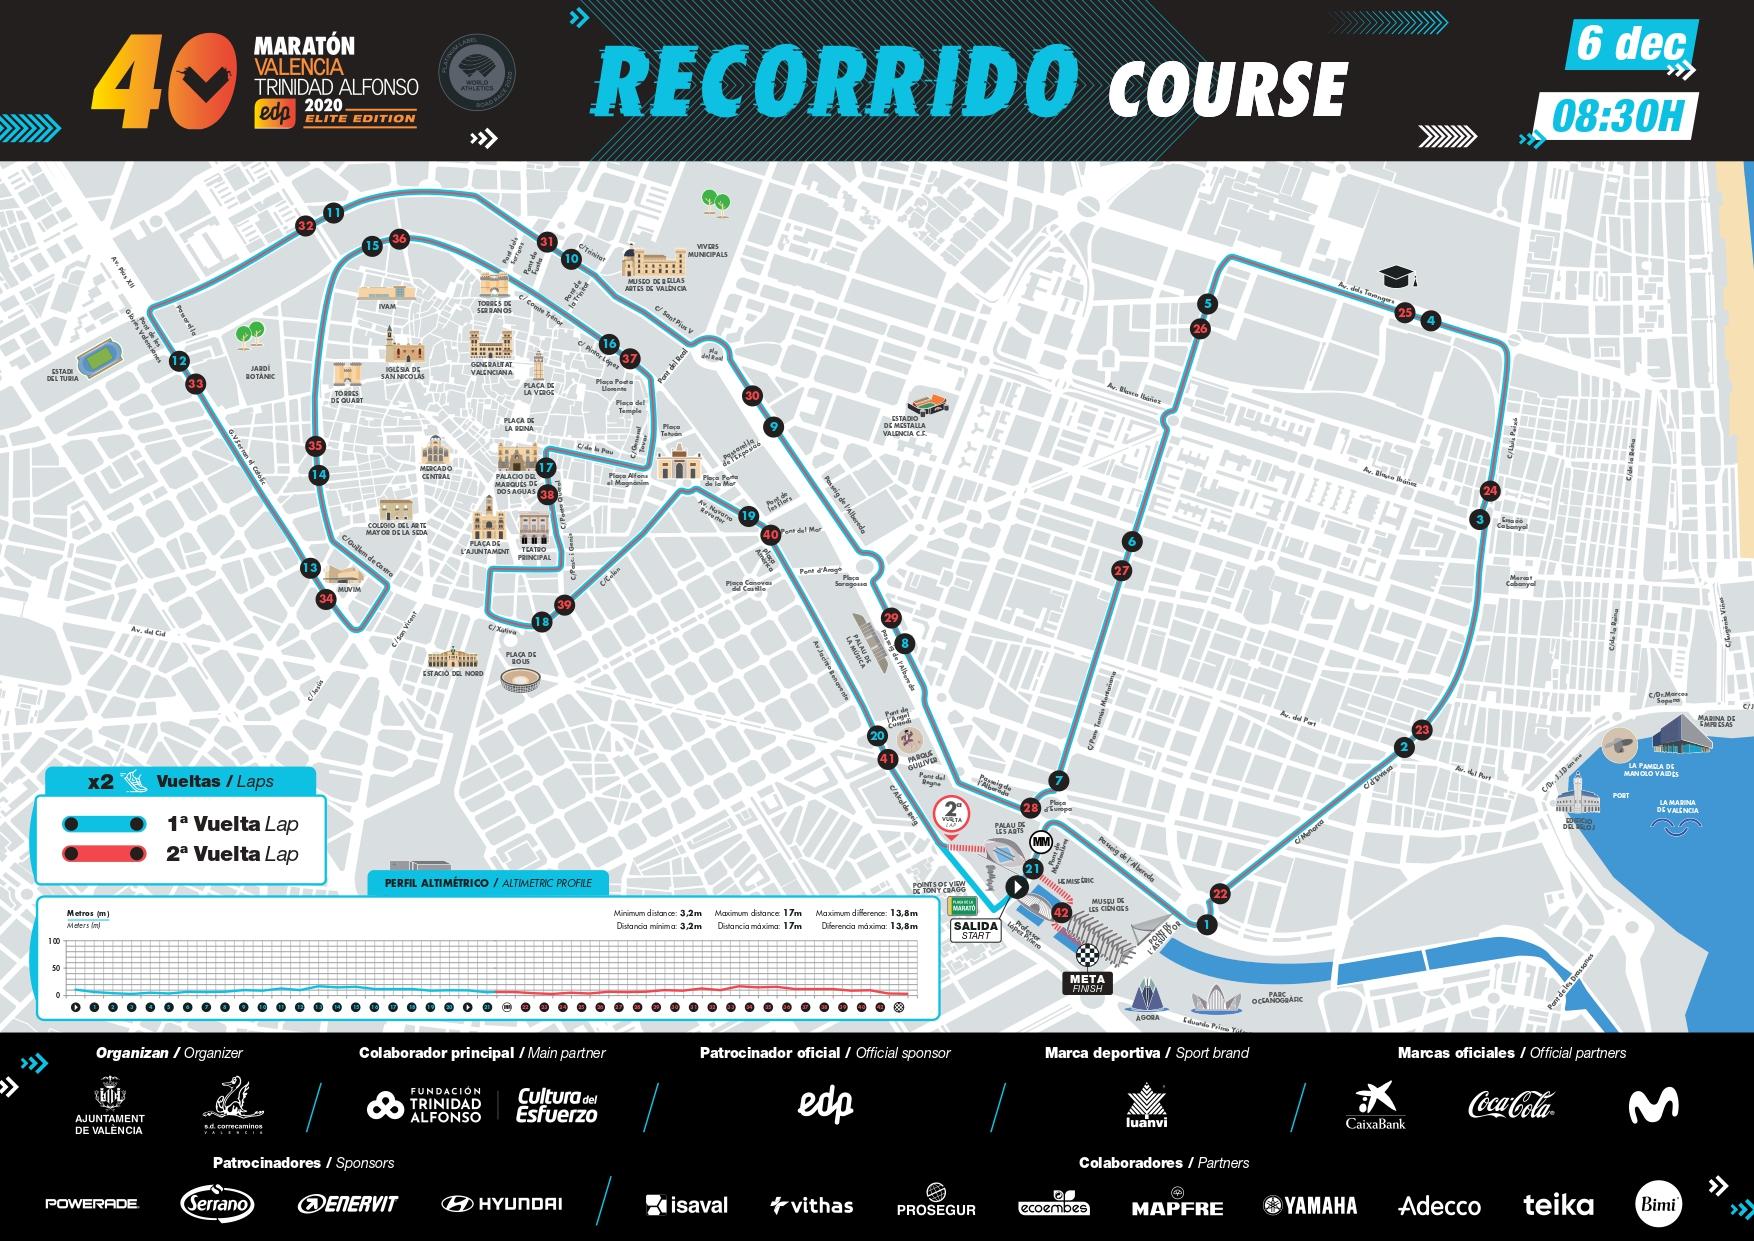 plano mapa maraton valencia 2020